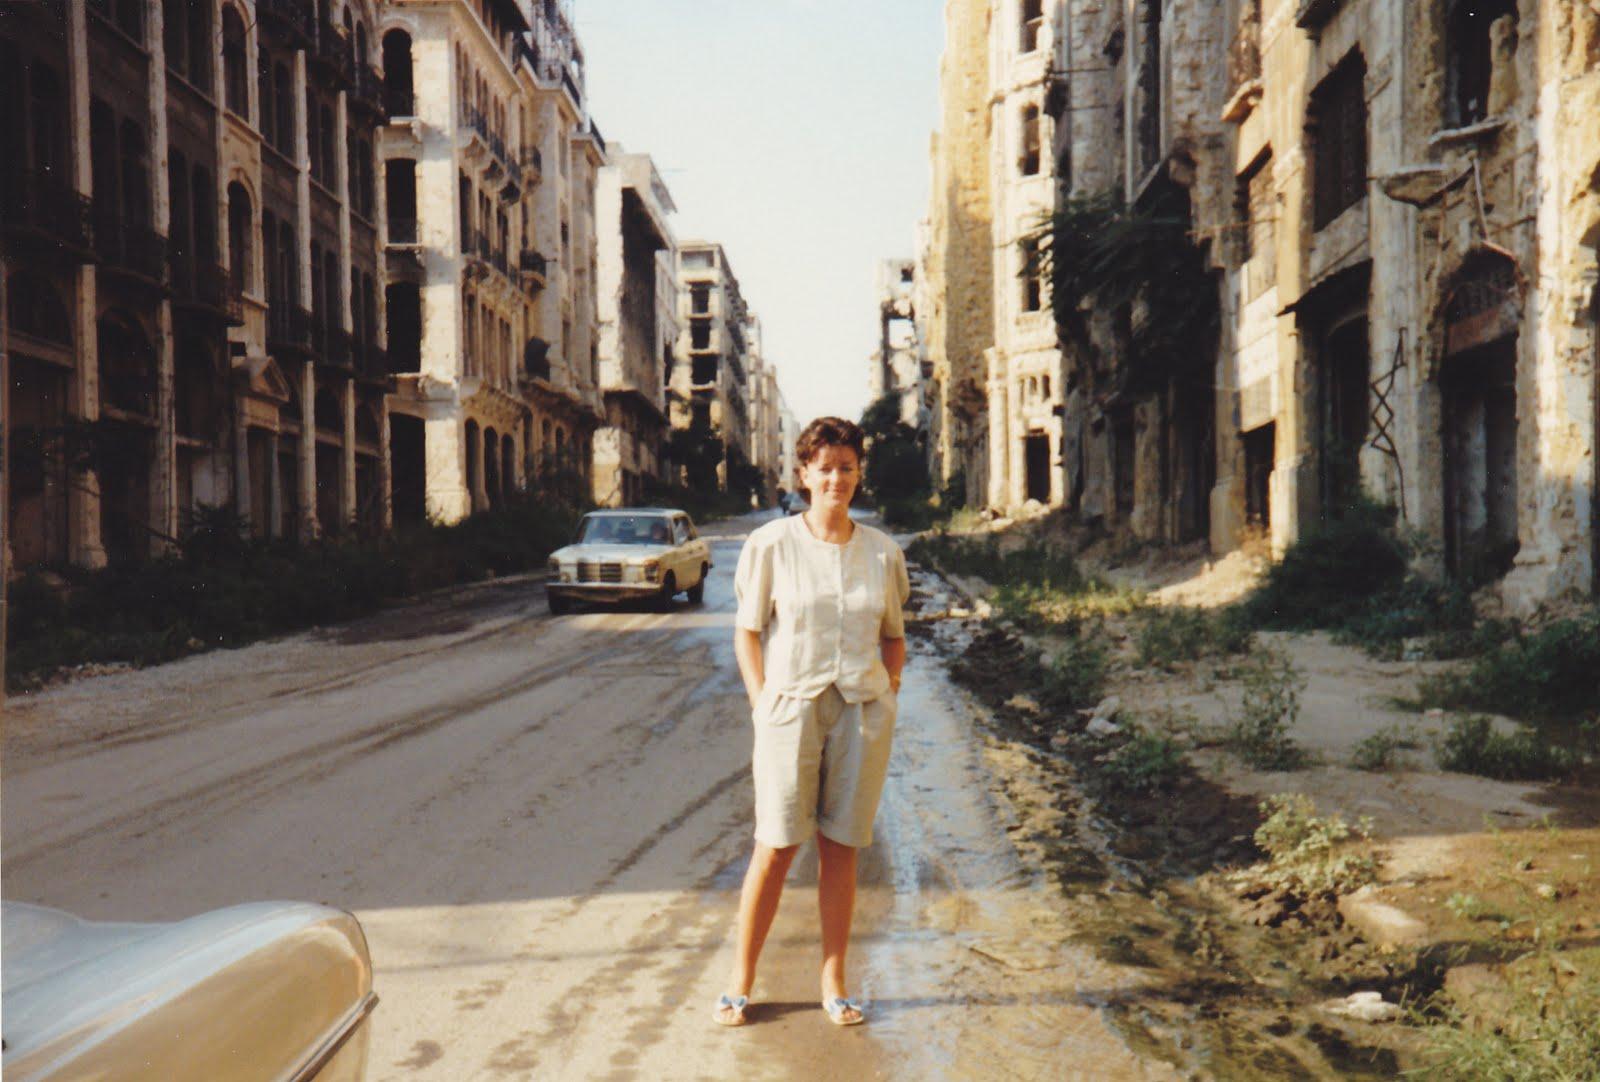 Old Beirut Luvlebanon